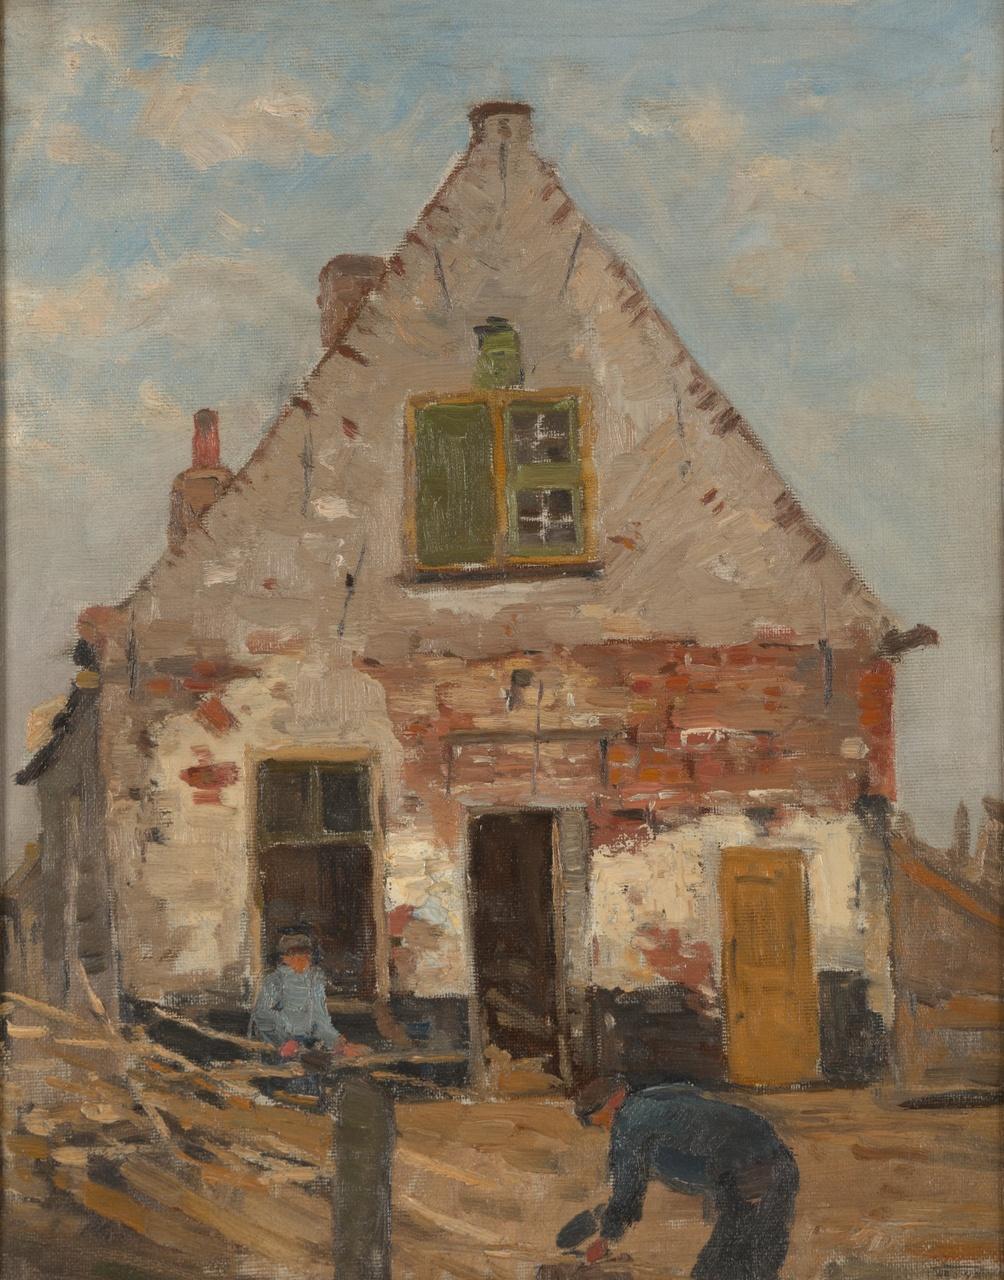 De restauratie van een huis in Middelburg, Willem Johannes Schütz